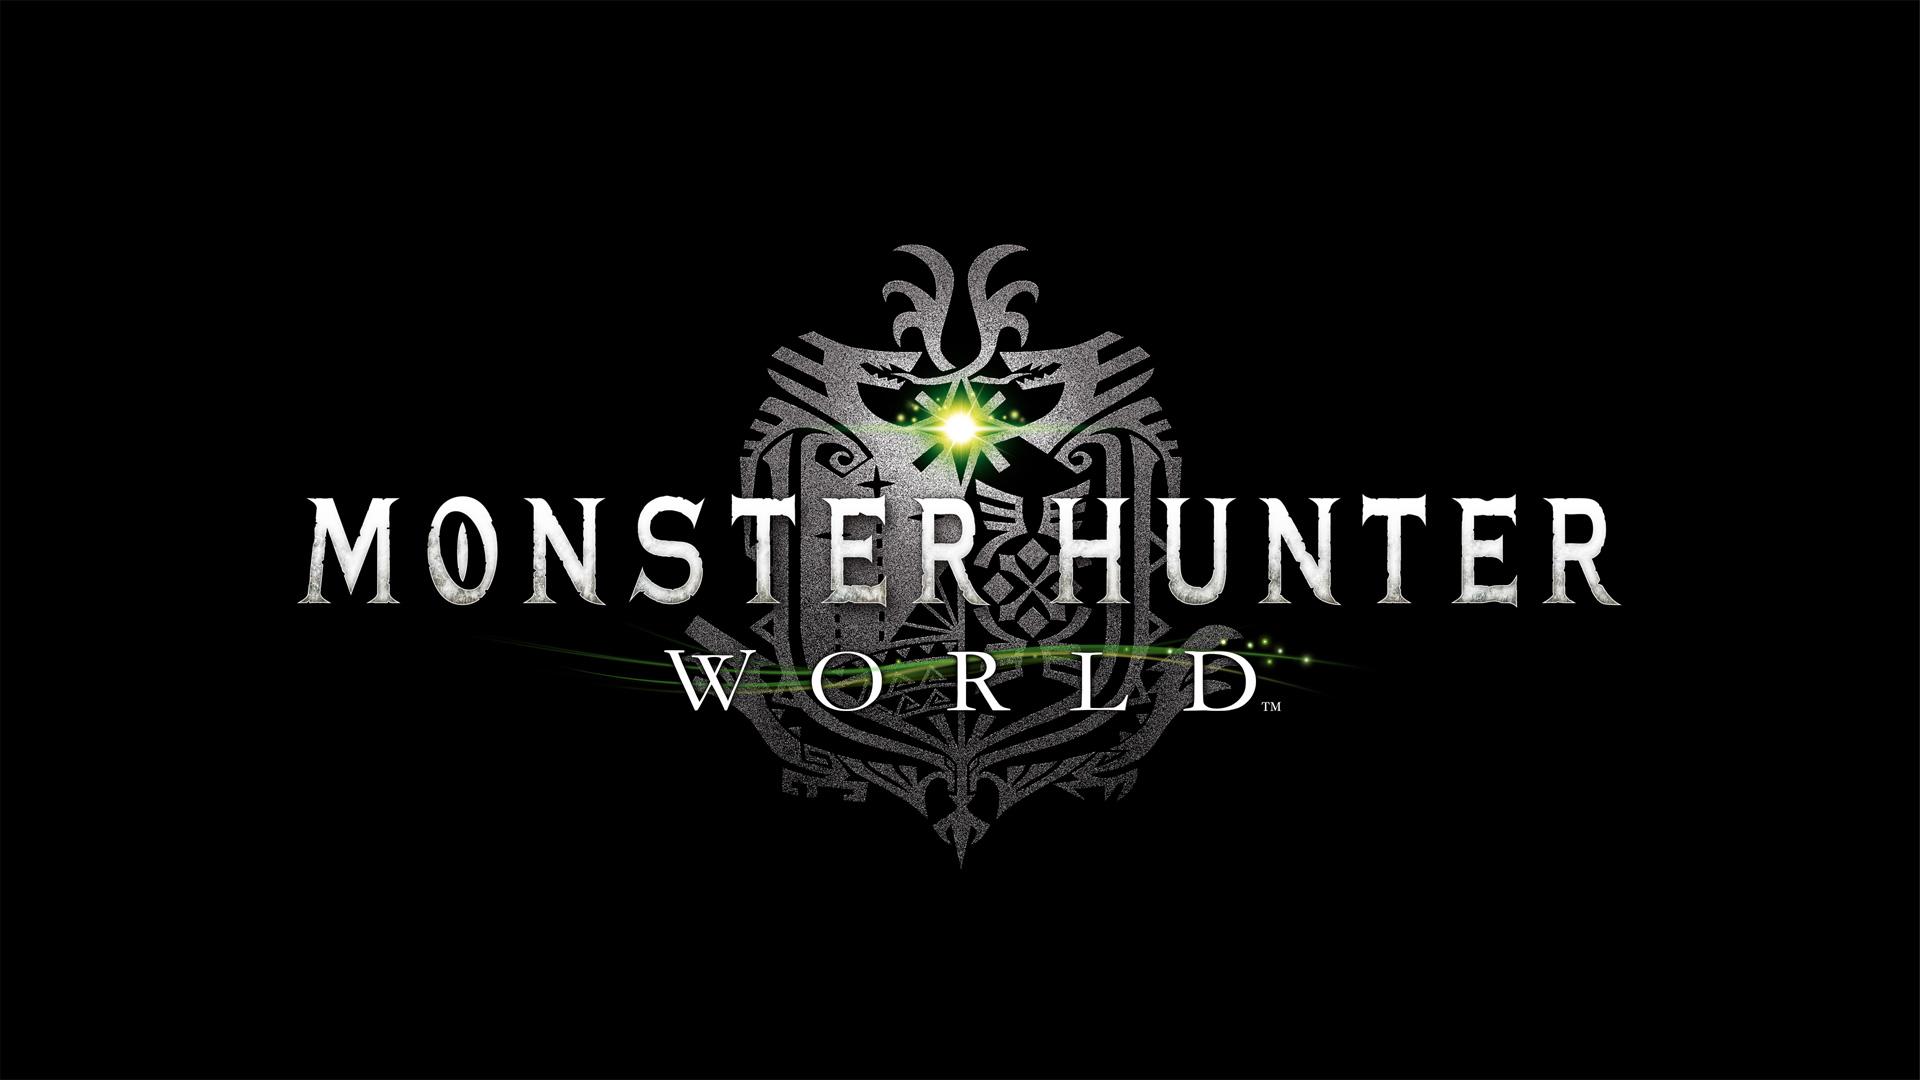 Monster Hunter World Logo Wallpaper From Monster Hunter